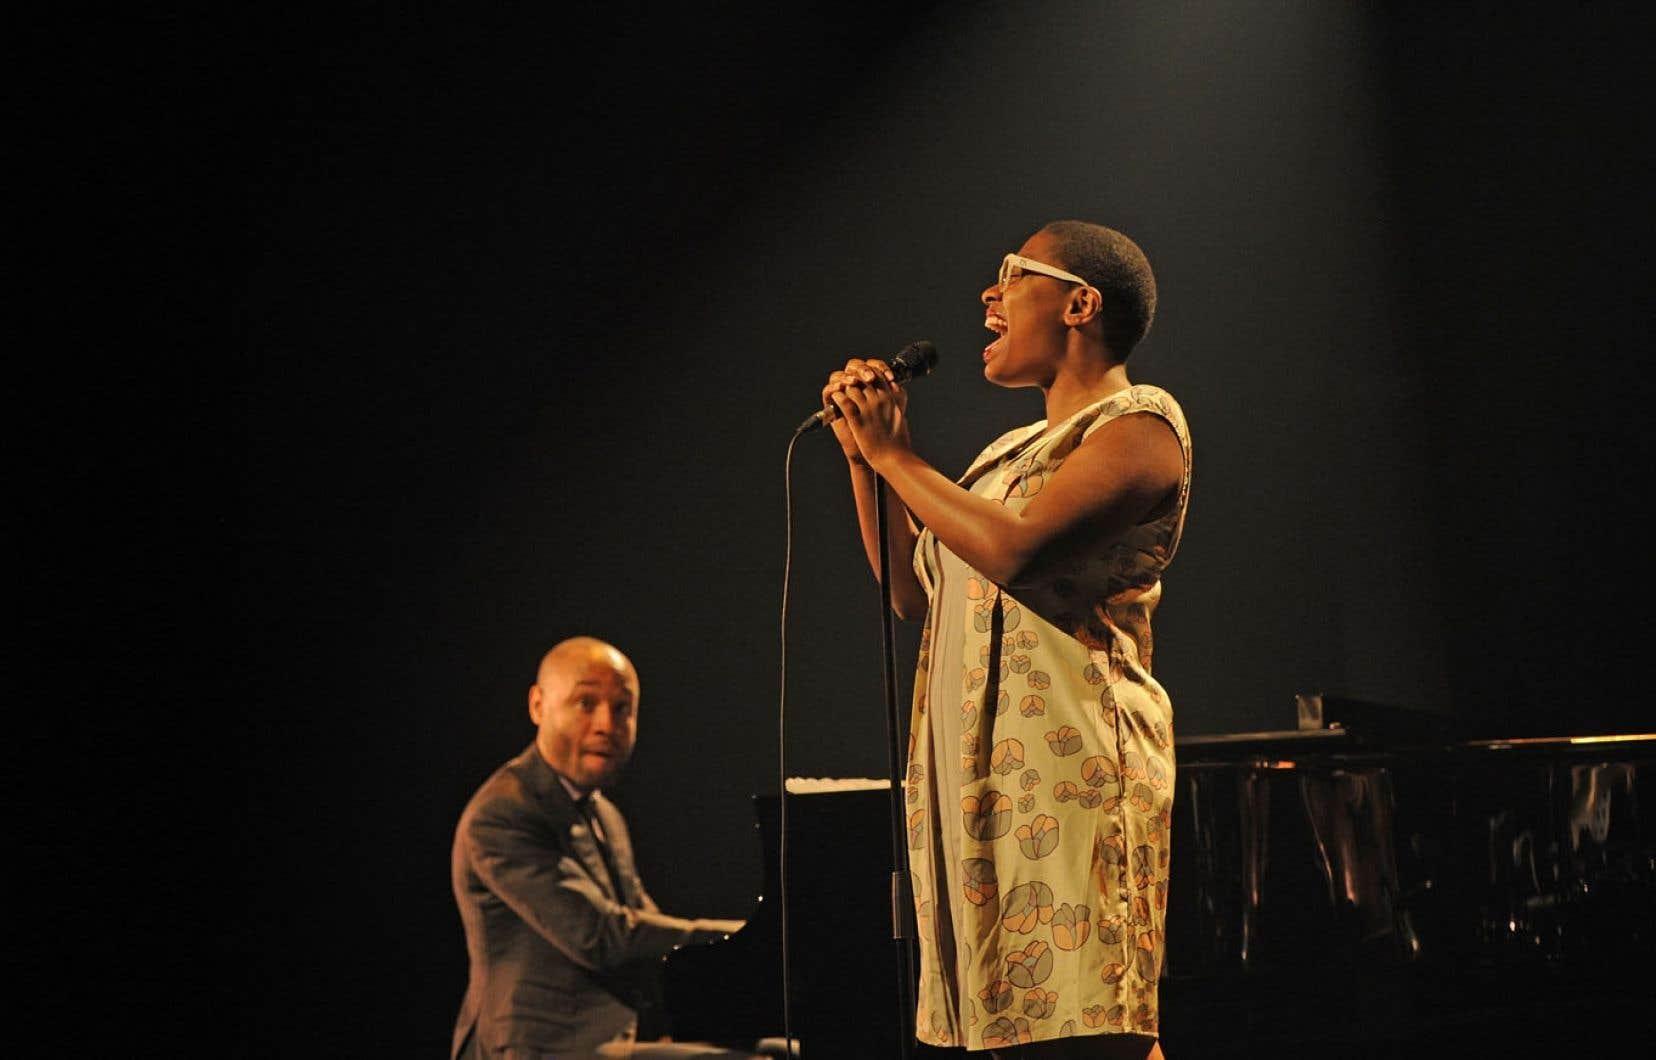 Cécile McLorin Salvant, avec son charisme et son intelligence musicale, a enchanté le public de l'Astral.